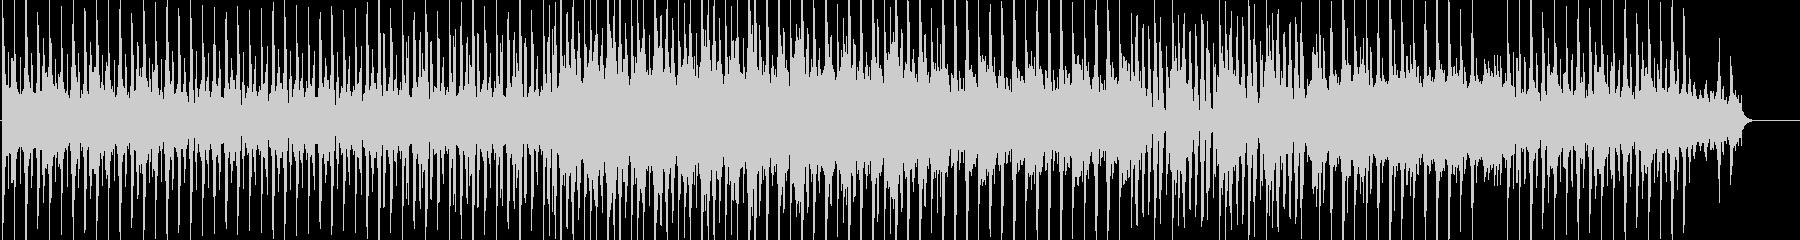 シンプルでリズミカルなエレクトロニカの未再生の波形